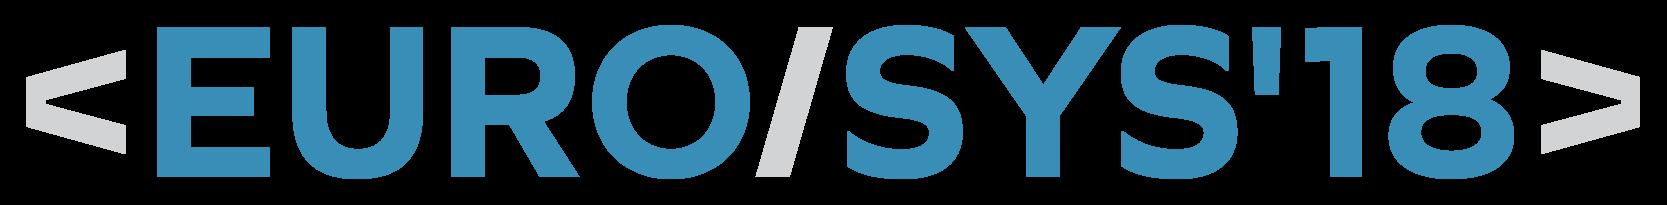 EuroSys'18